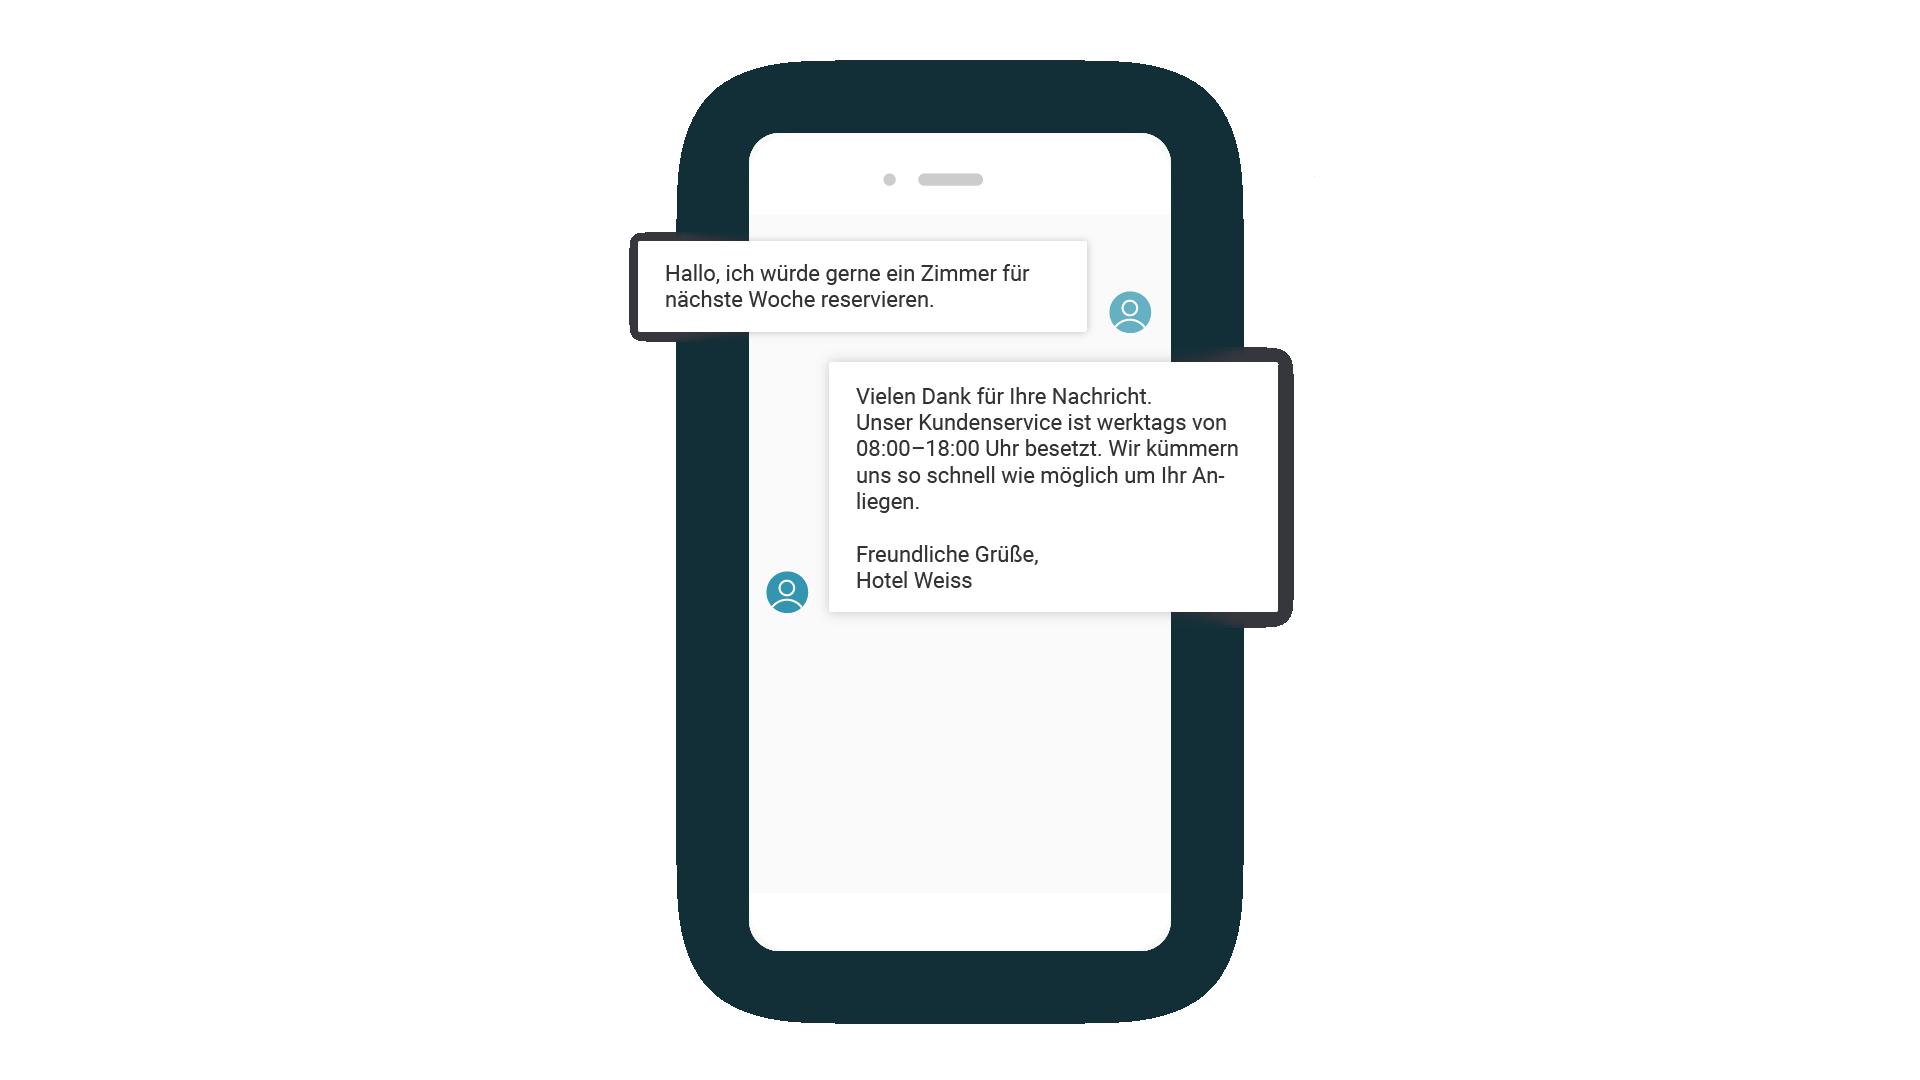 LINK Mobility - Abwesenheitsassistent mittels SMS einrichten